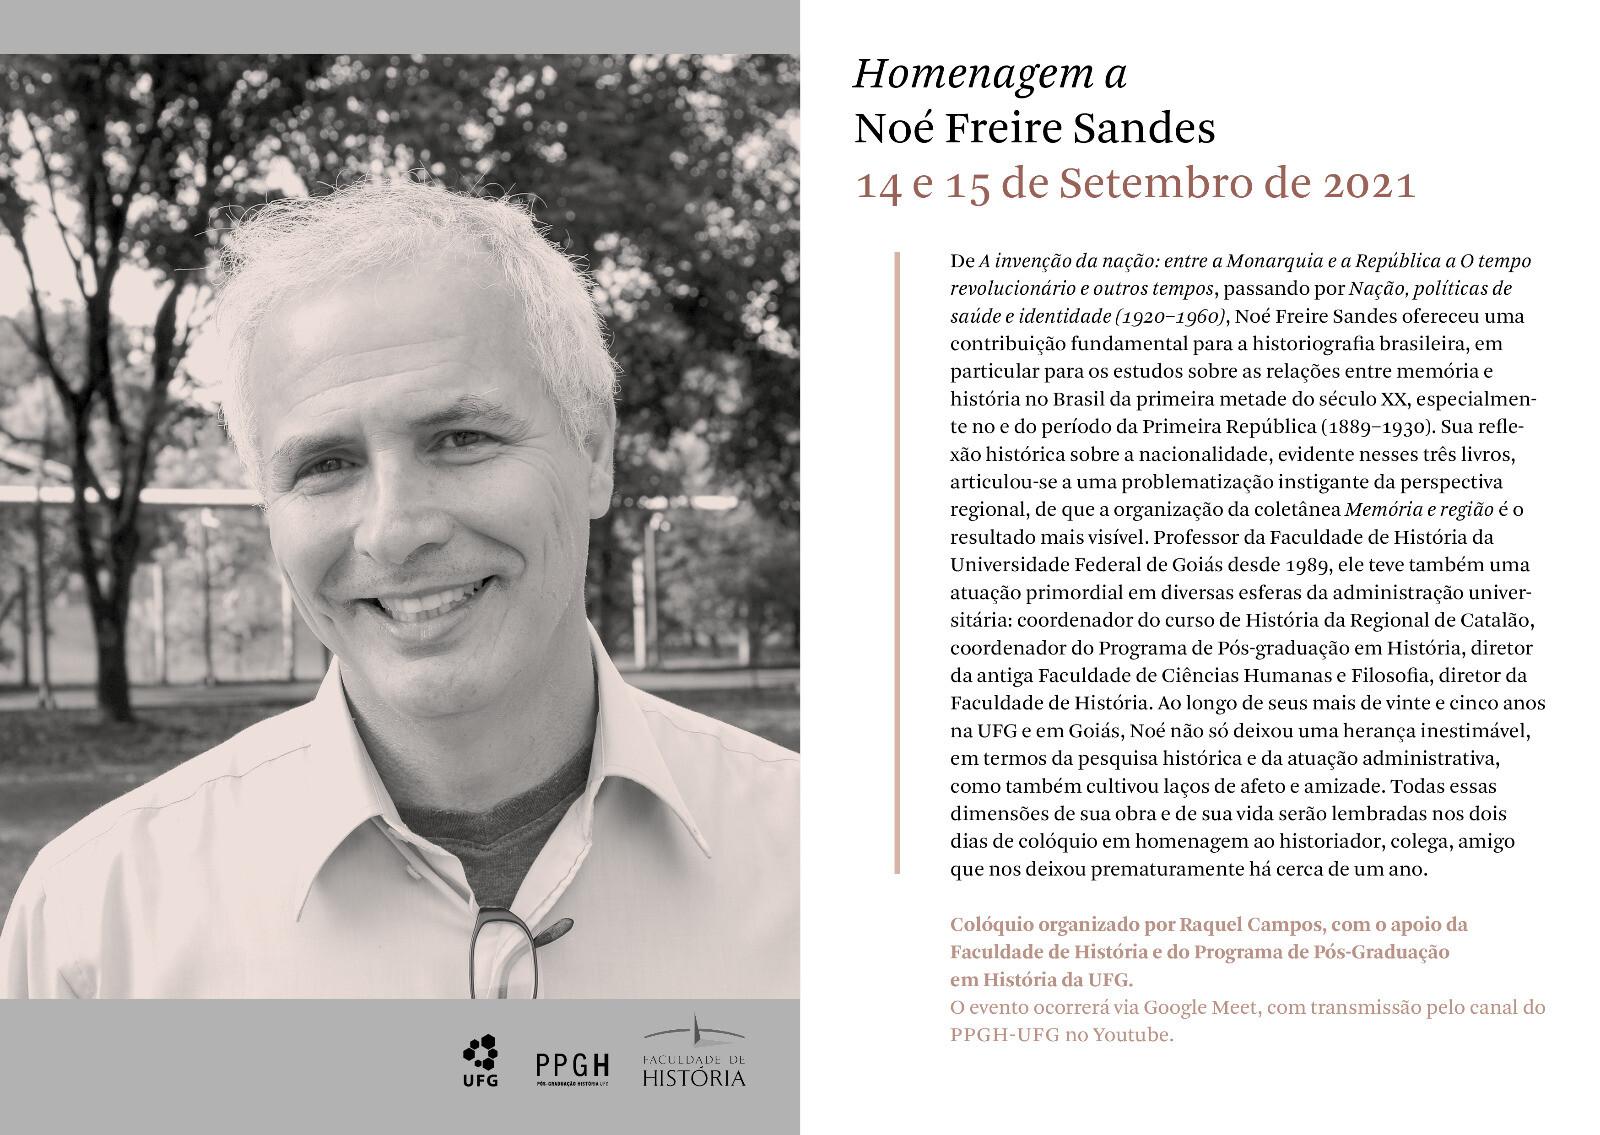 homenagem-noe (1)